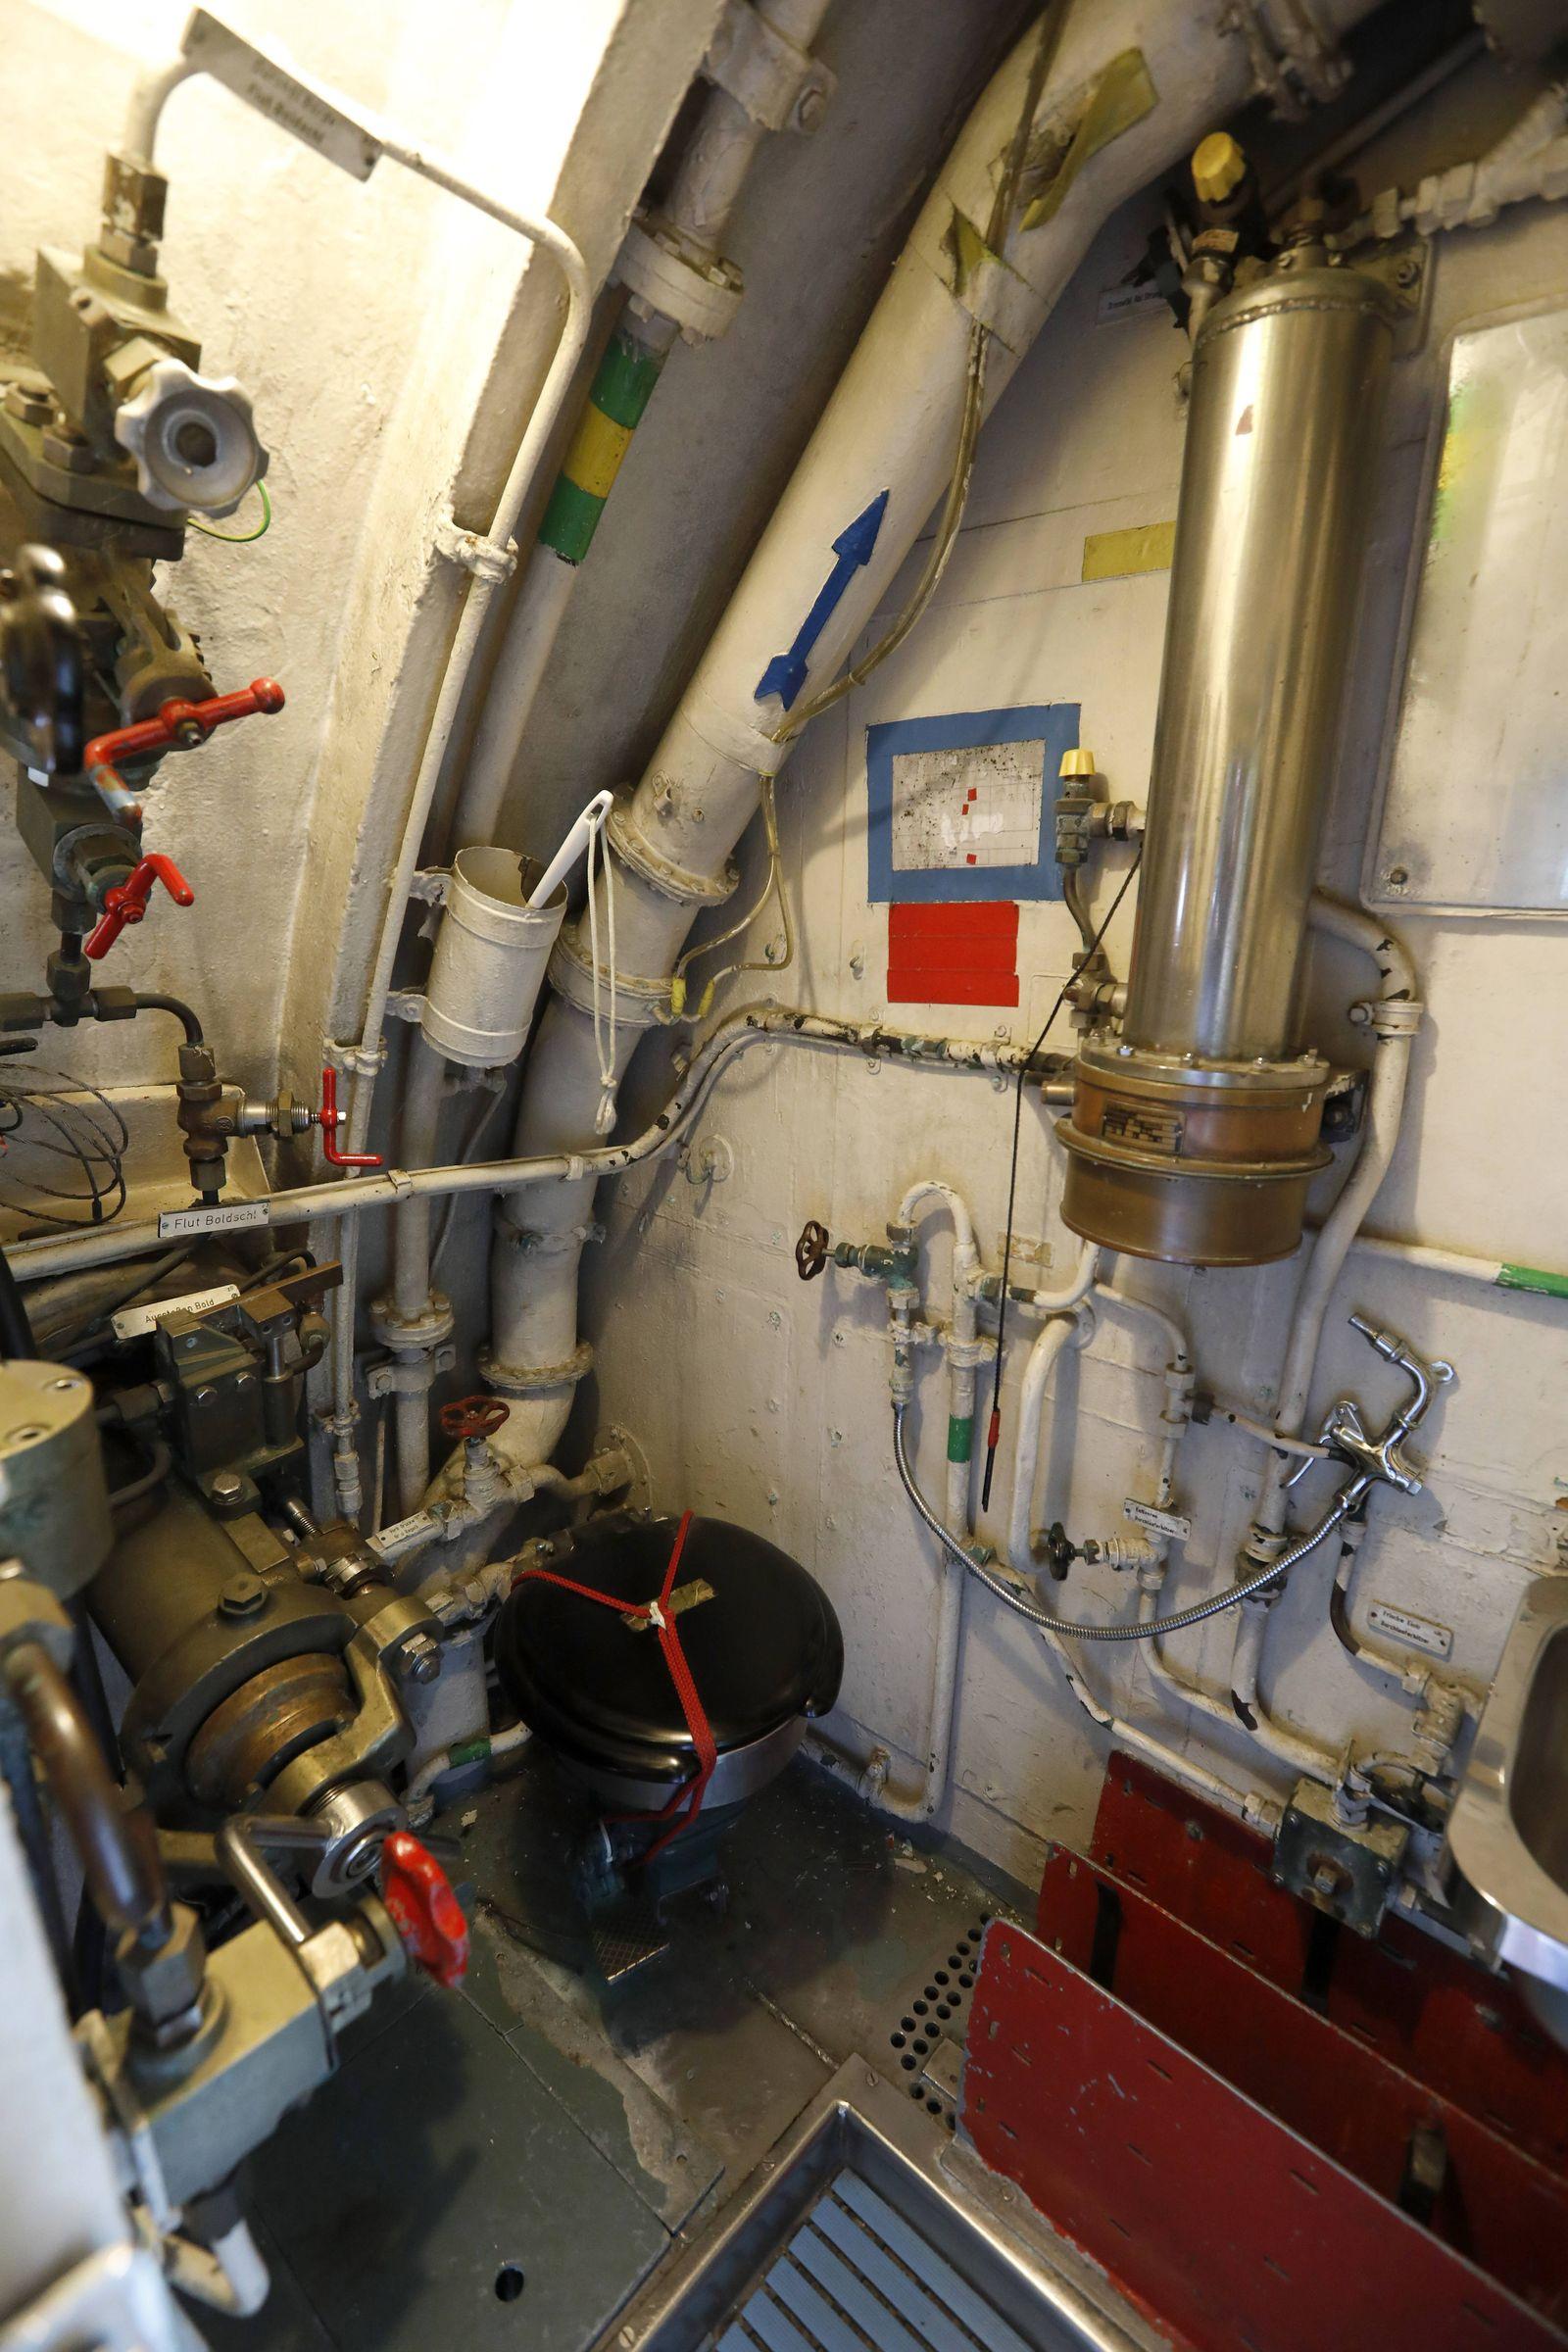 16 10 2018 Fehmarn Burg Yachthafen Burgstaaken U Boot Museum Toilette WC im U Boot *** 16 10 2018 F